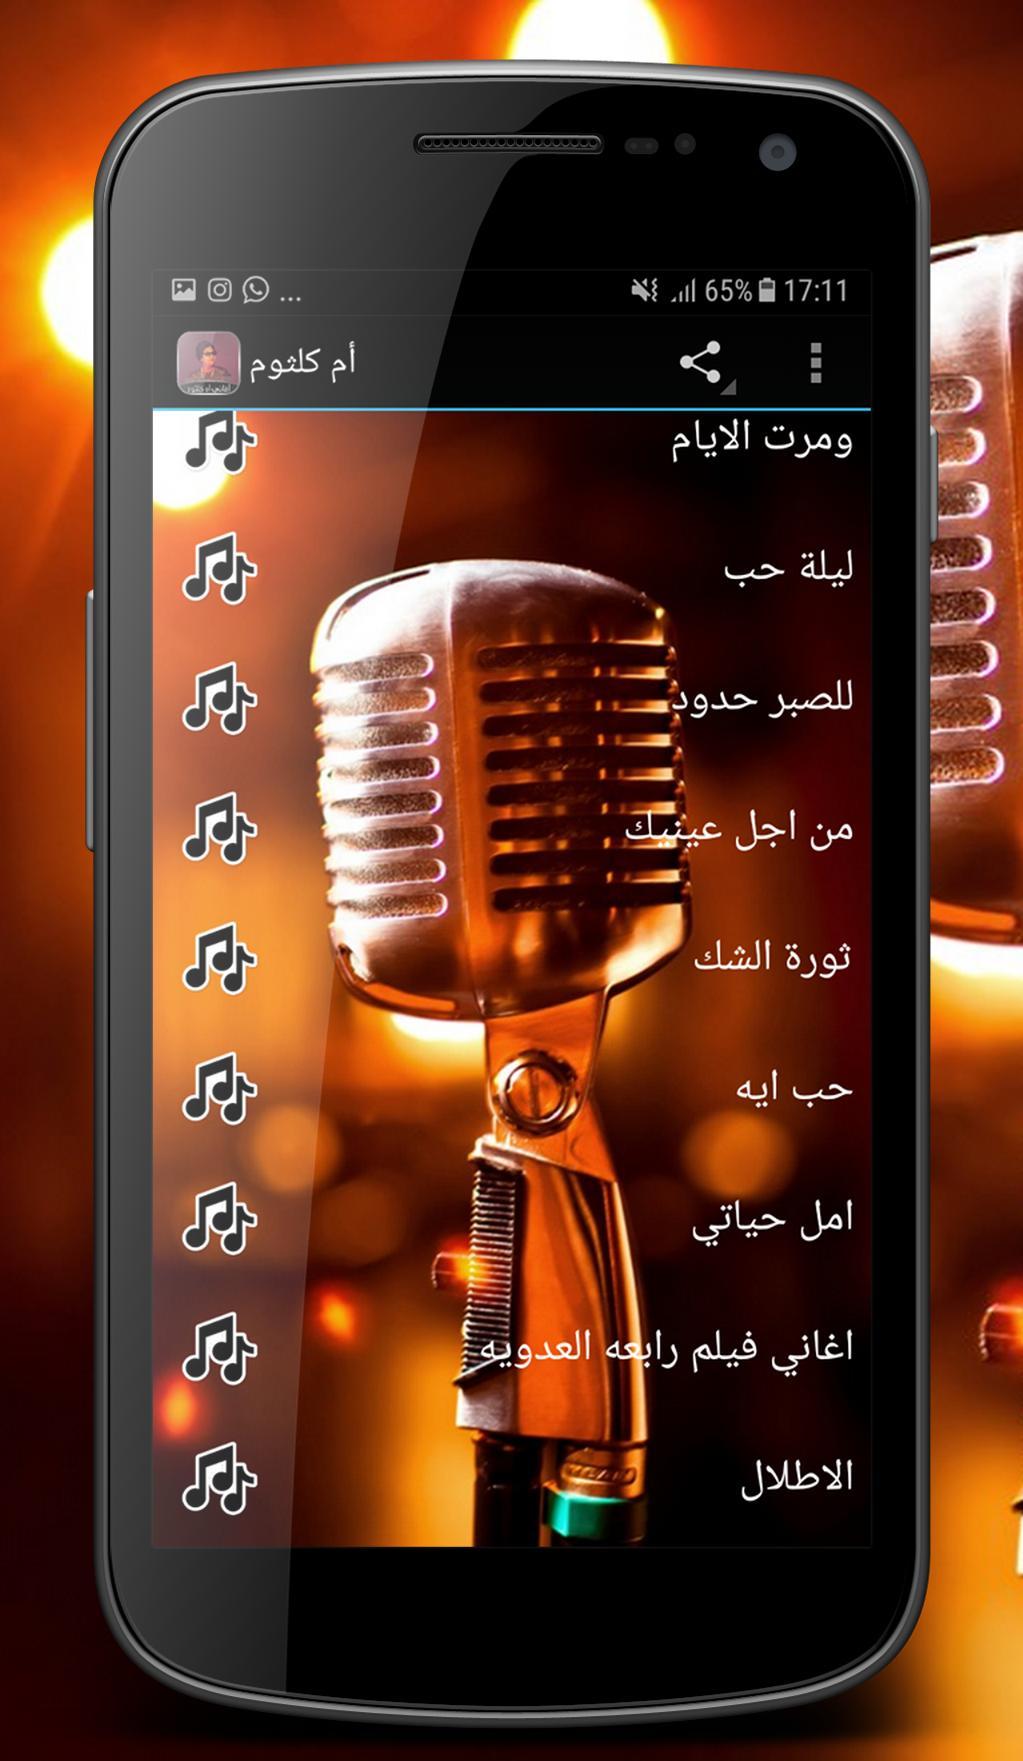 تحميل اغانى عبد الحليم حافظ mp3 مجانا